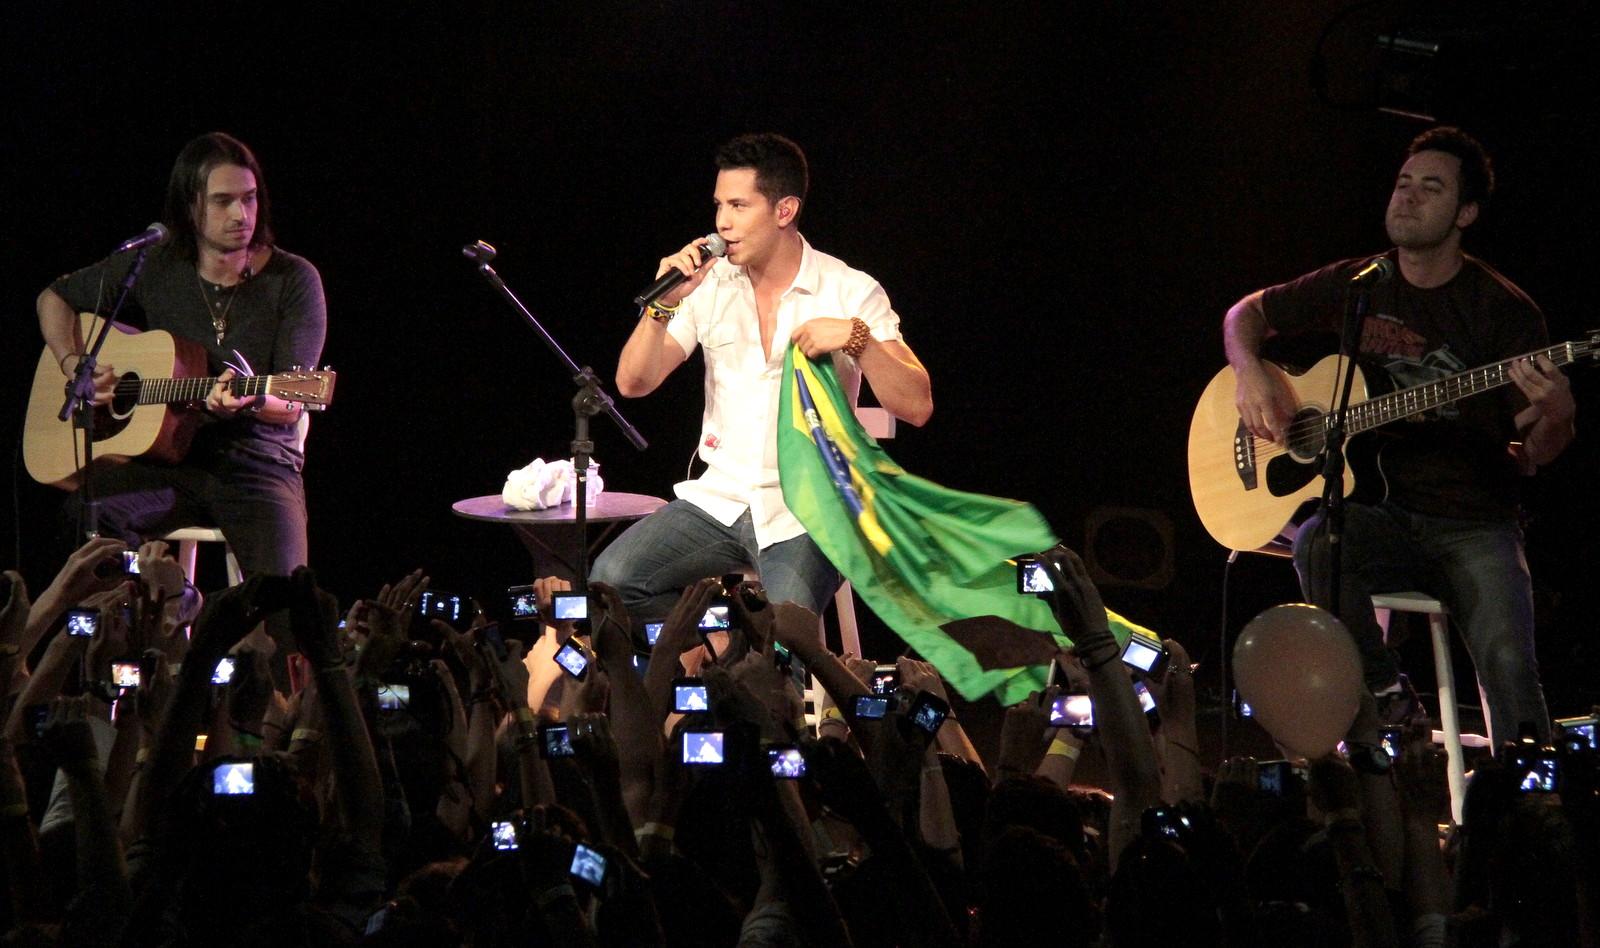 Christian Chávez se apresentou para centenas de fãs no Rio de Janeiro